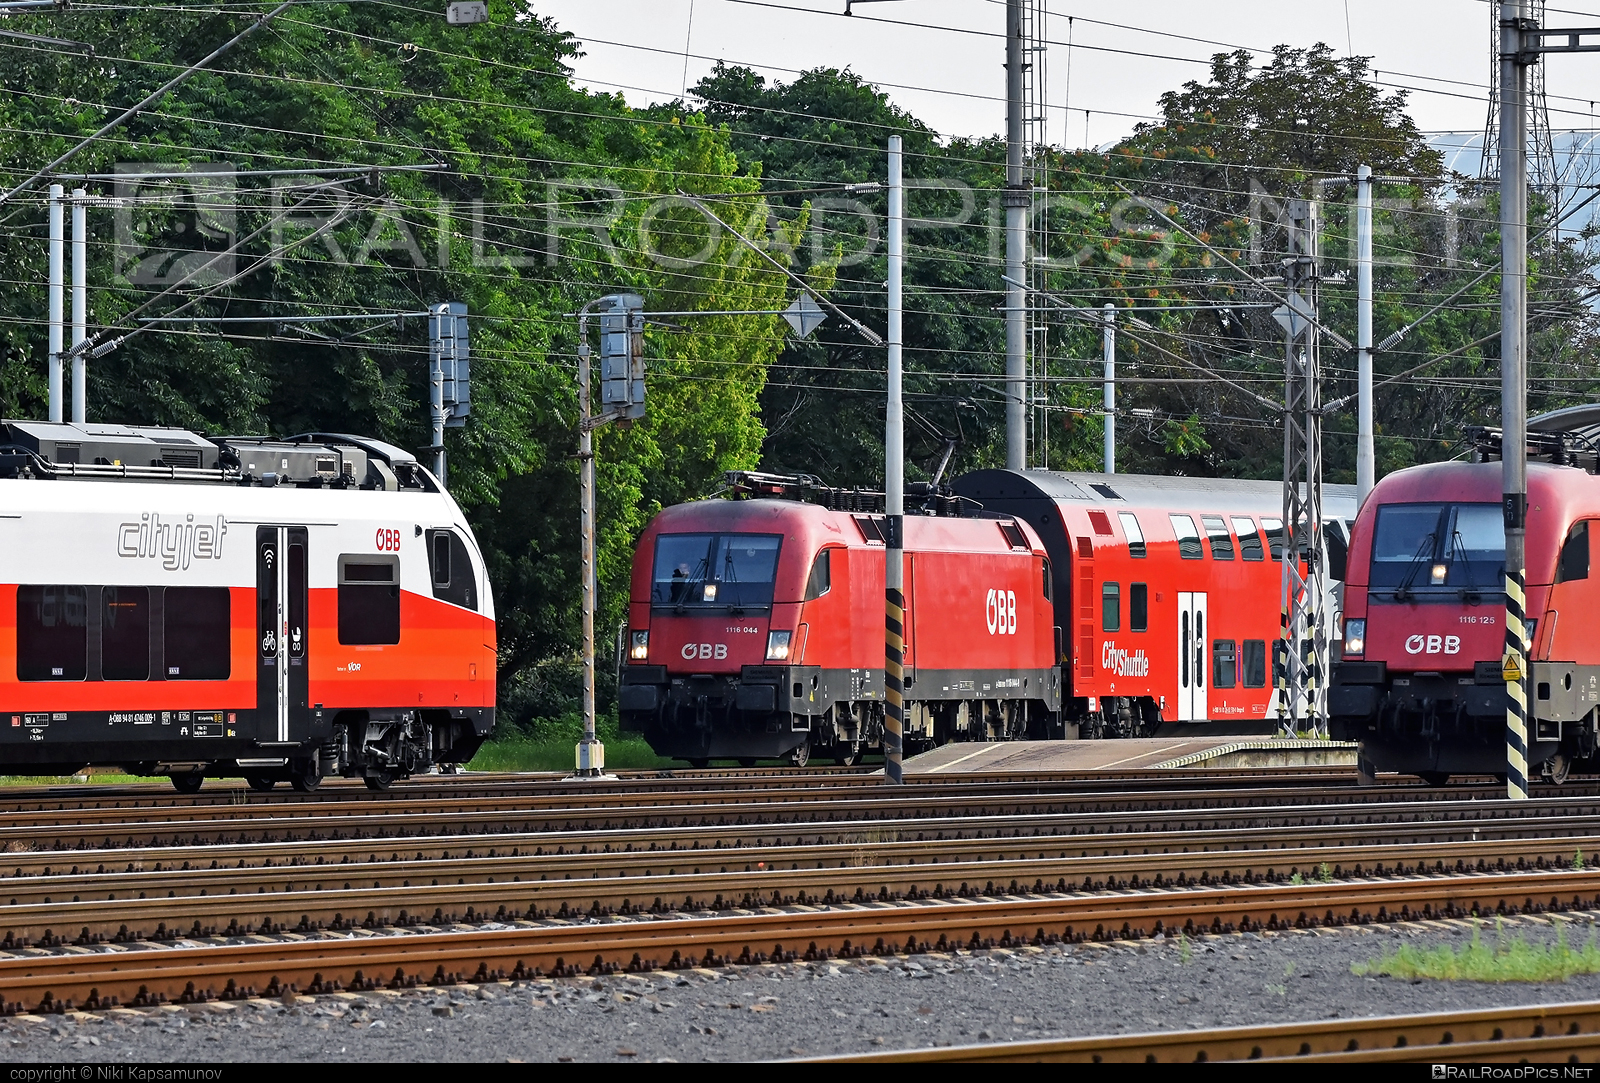 Siemens ES 64 U2 - 1116 044 operated by Österreichische Bundesbahnen #cityshuttle #es64 #es64u #es64u2 #eurosprinter #obb #osterreichischebundesbahnen #siemens #siemenses64 #siemenses64u #siemenses64u2 #siemenstaurus #taurus #tauruslocomotive